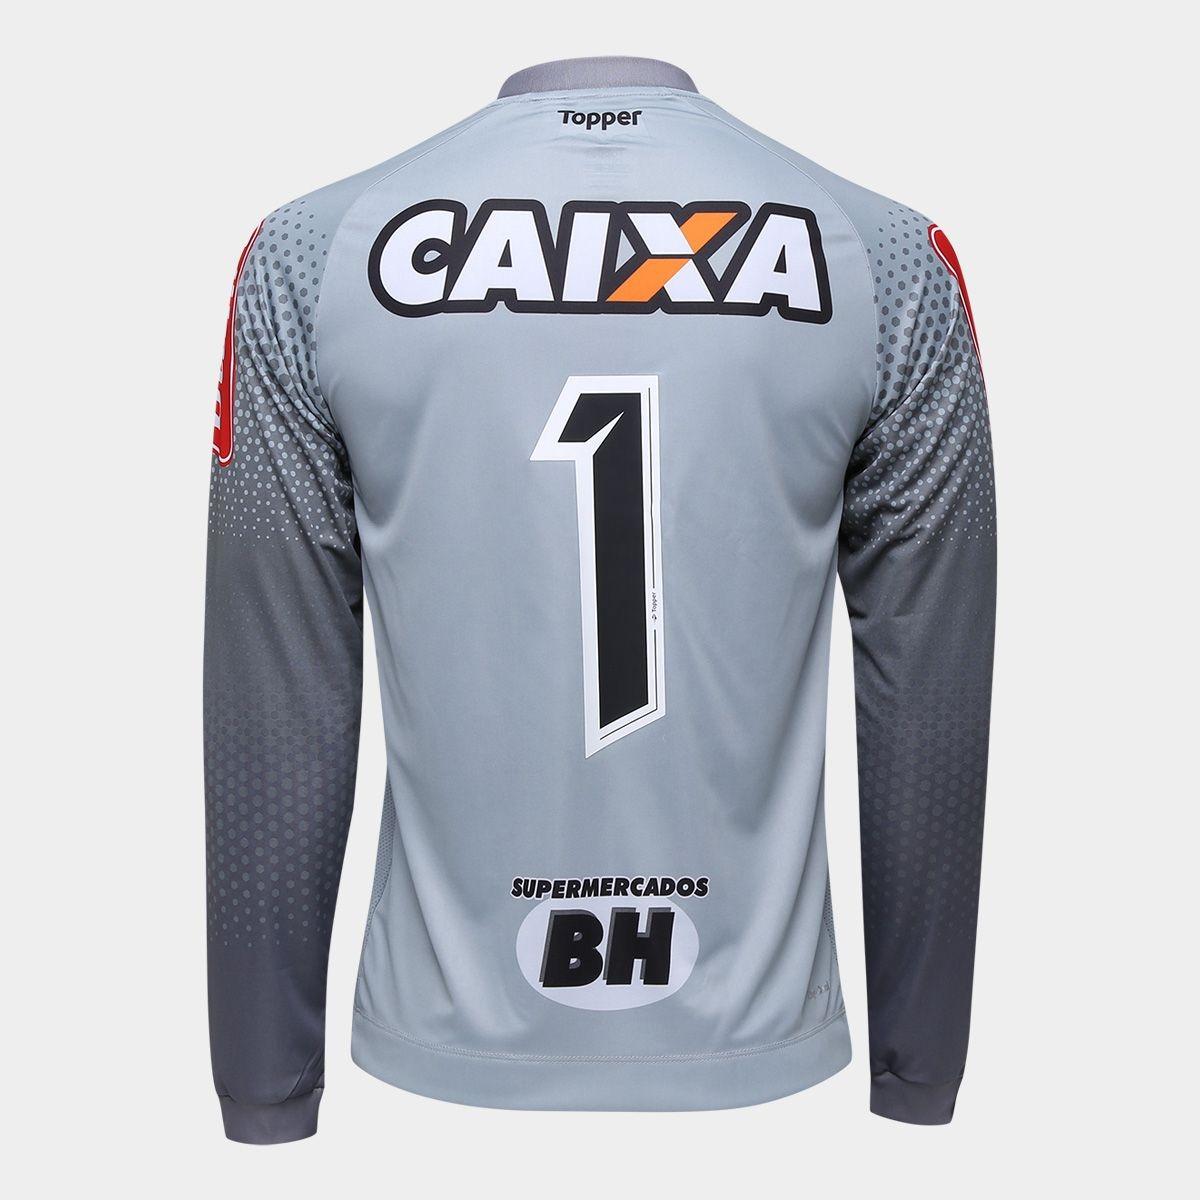 482e85d42a camisa atlético mineiro i goleiro 2017 manga longa. Carregando zoom.